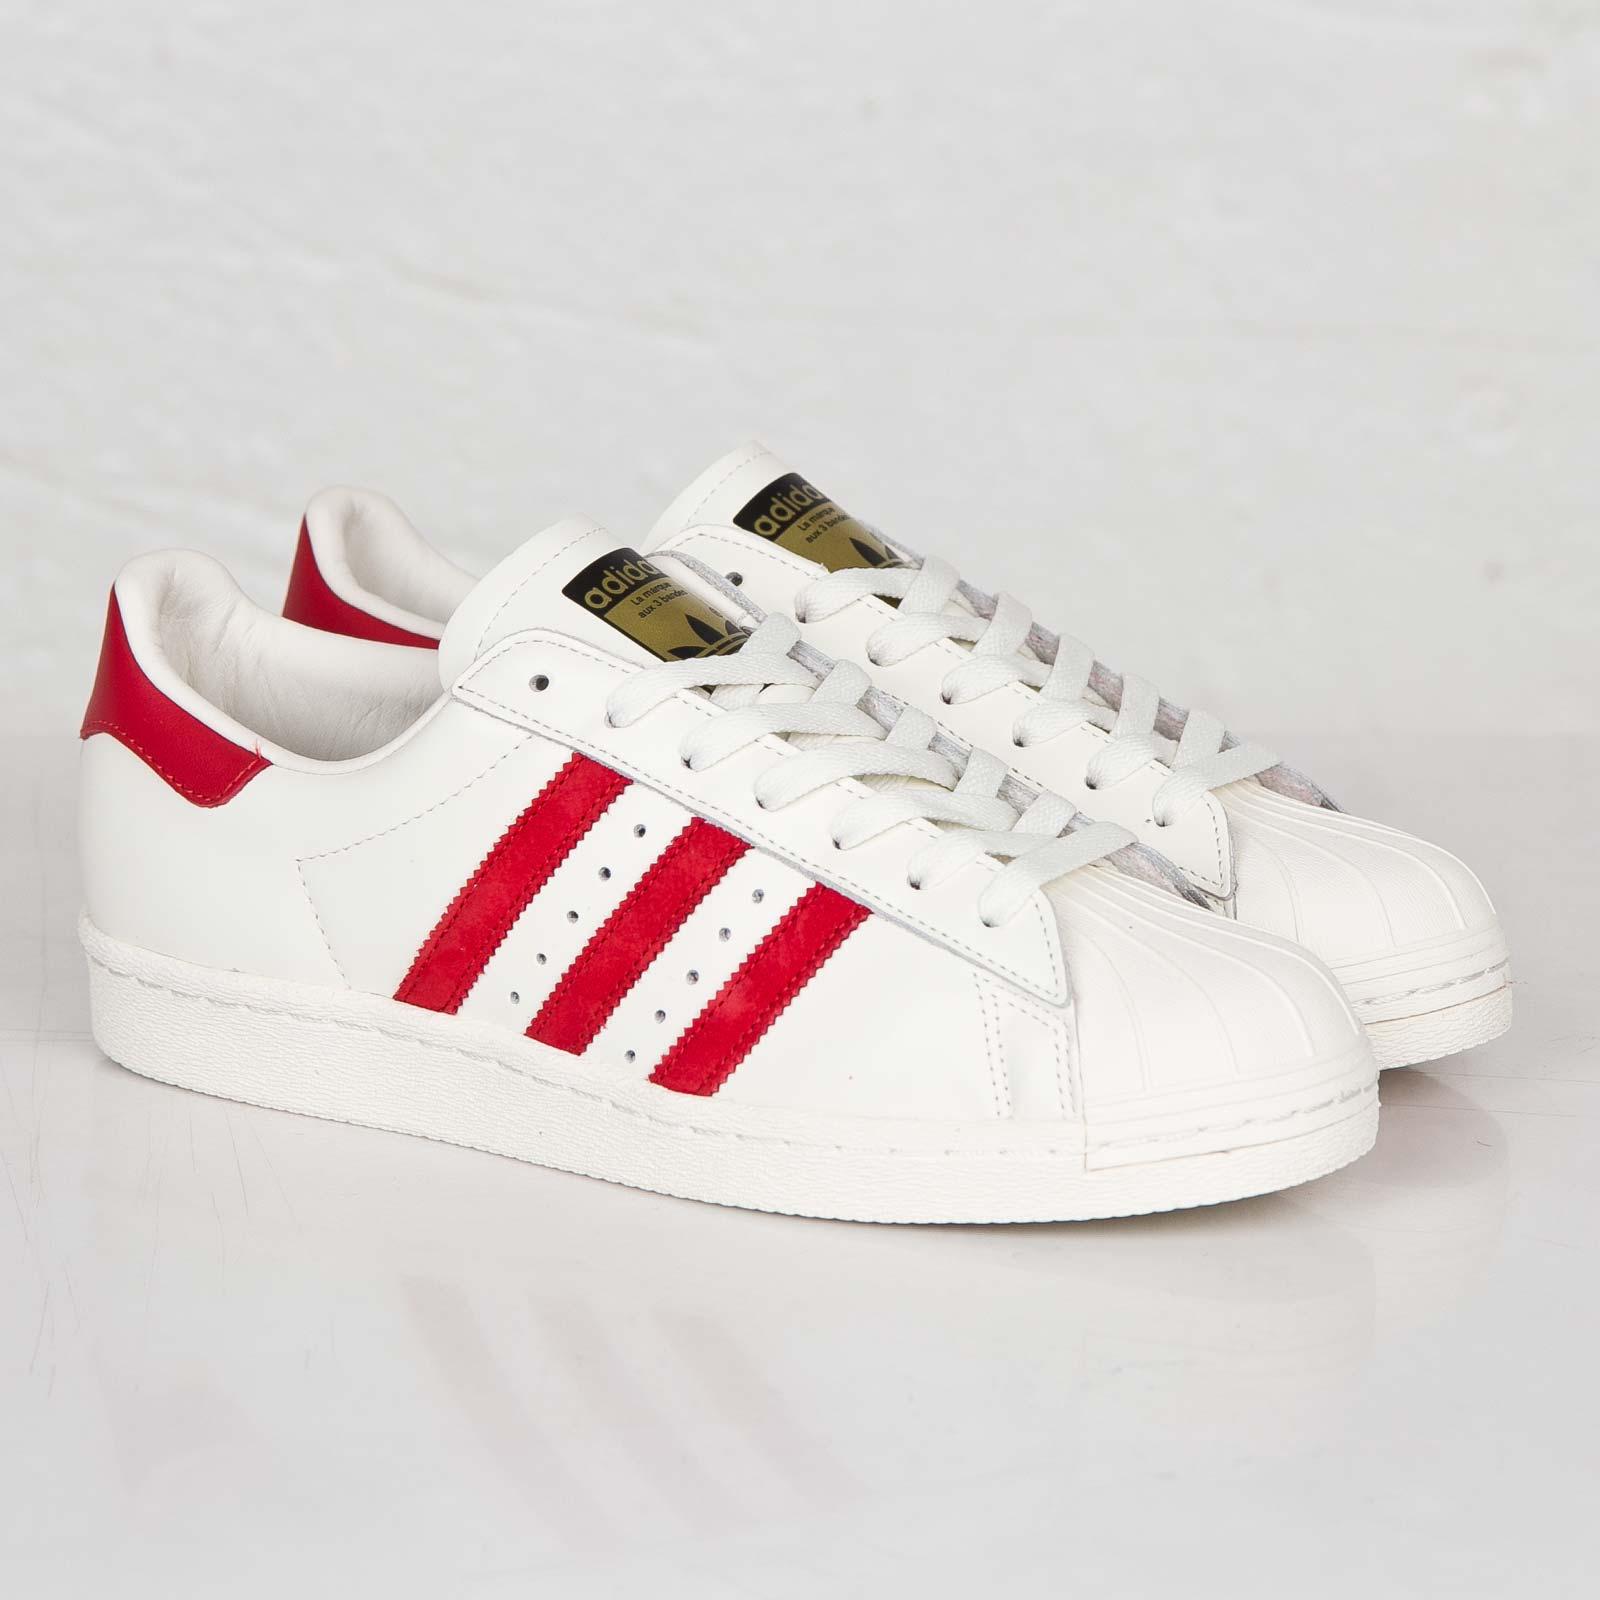 superstar 80s deluxe sneaker